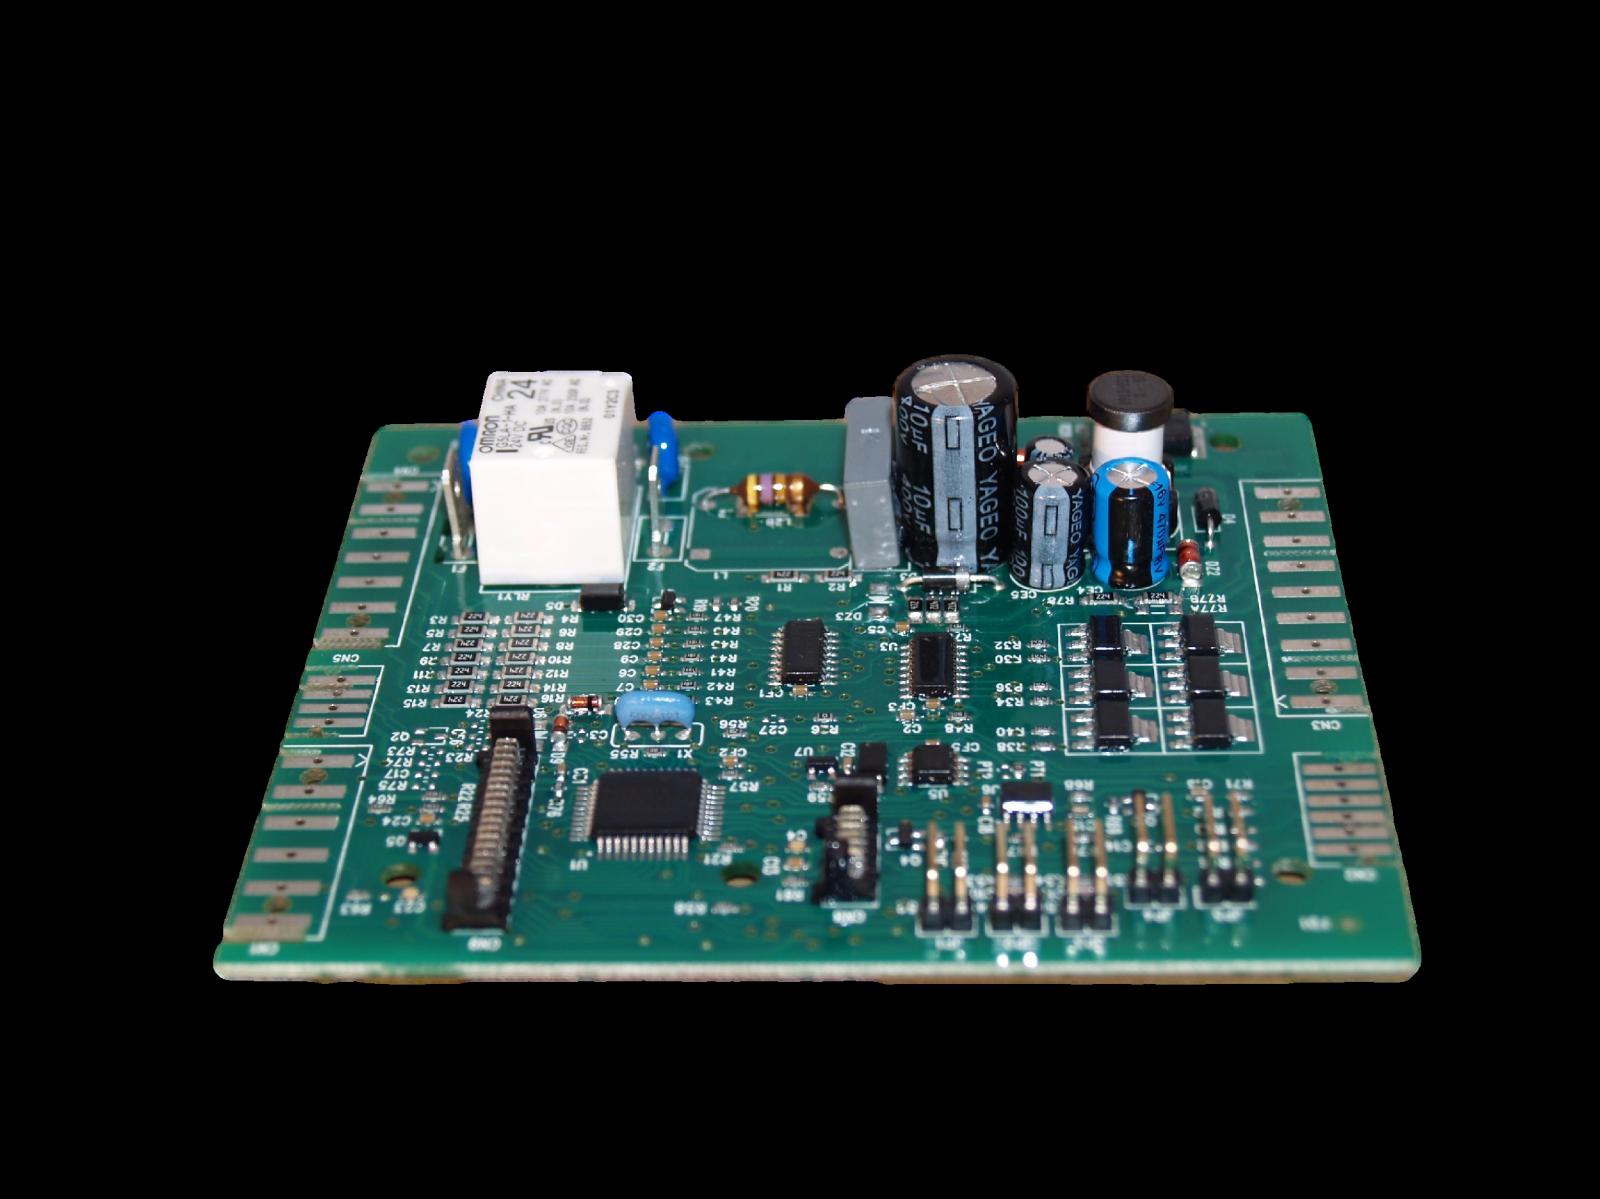 originální elektronika pro myčku Candy vč. software - 49009215